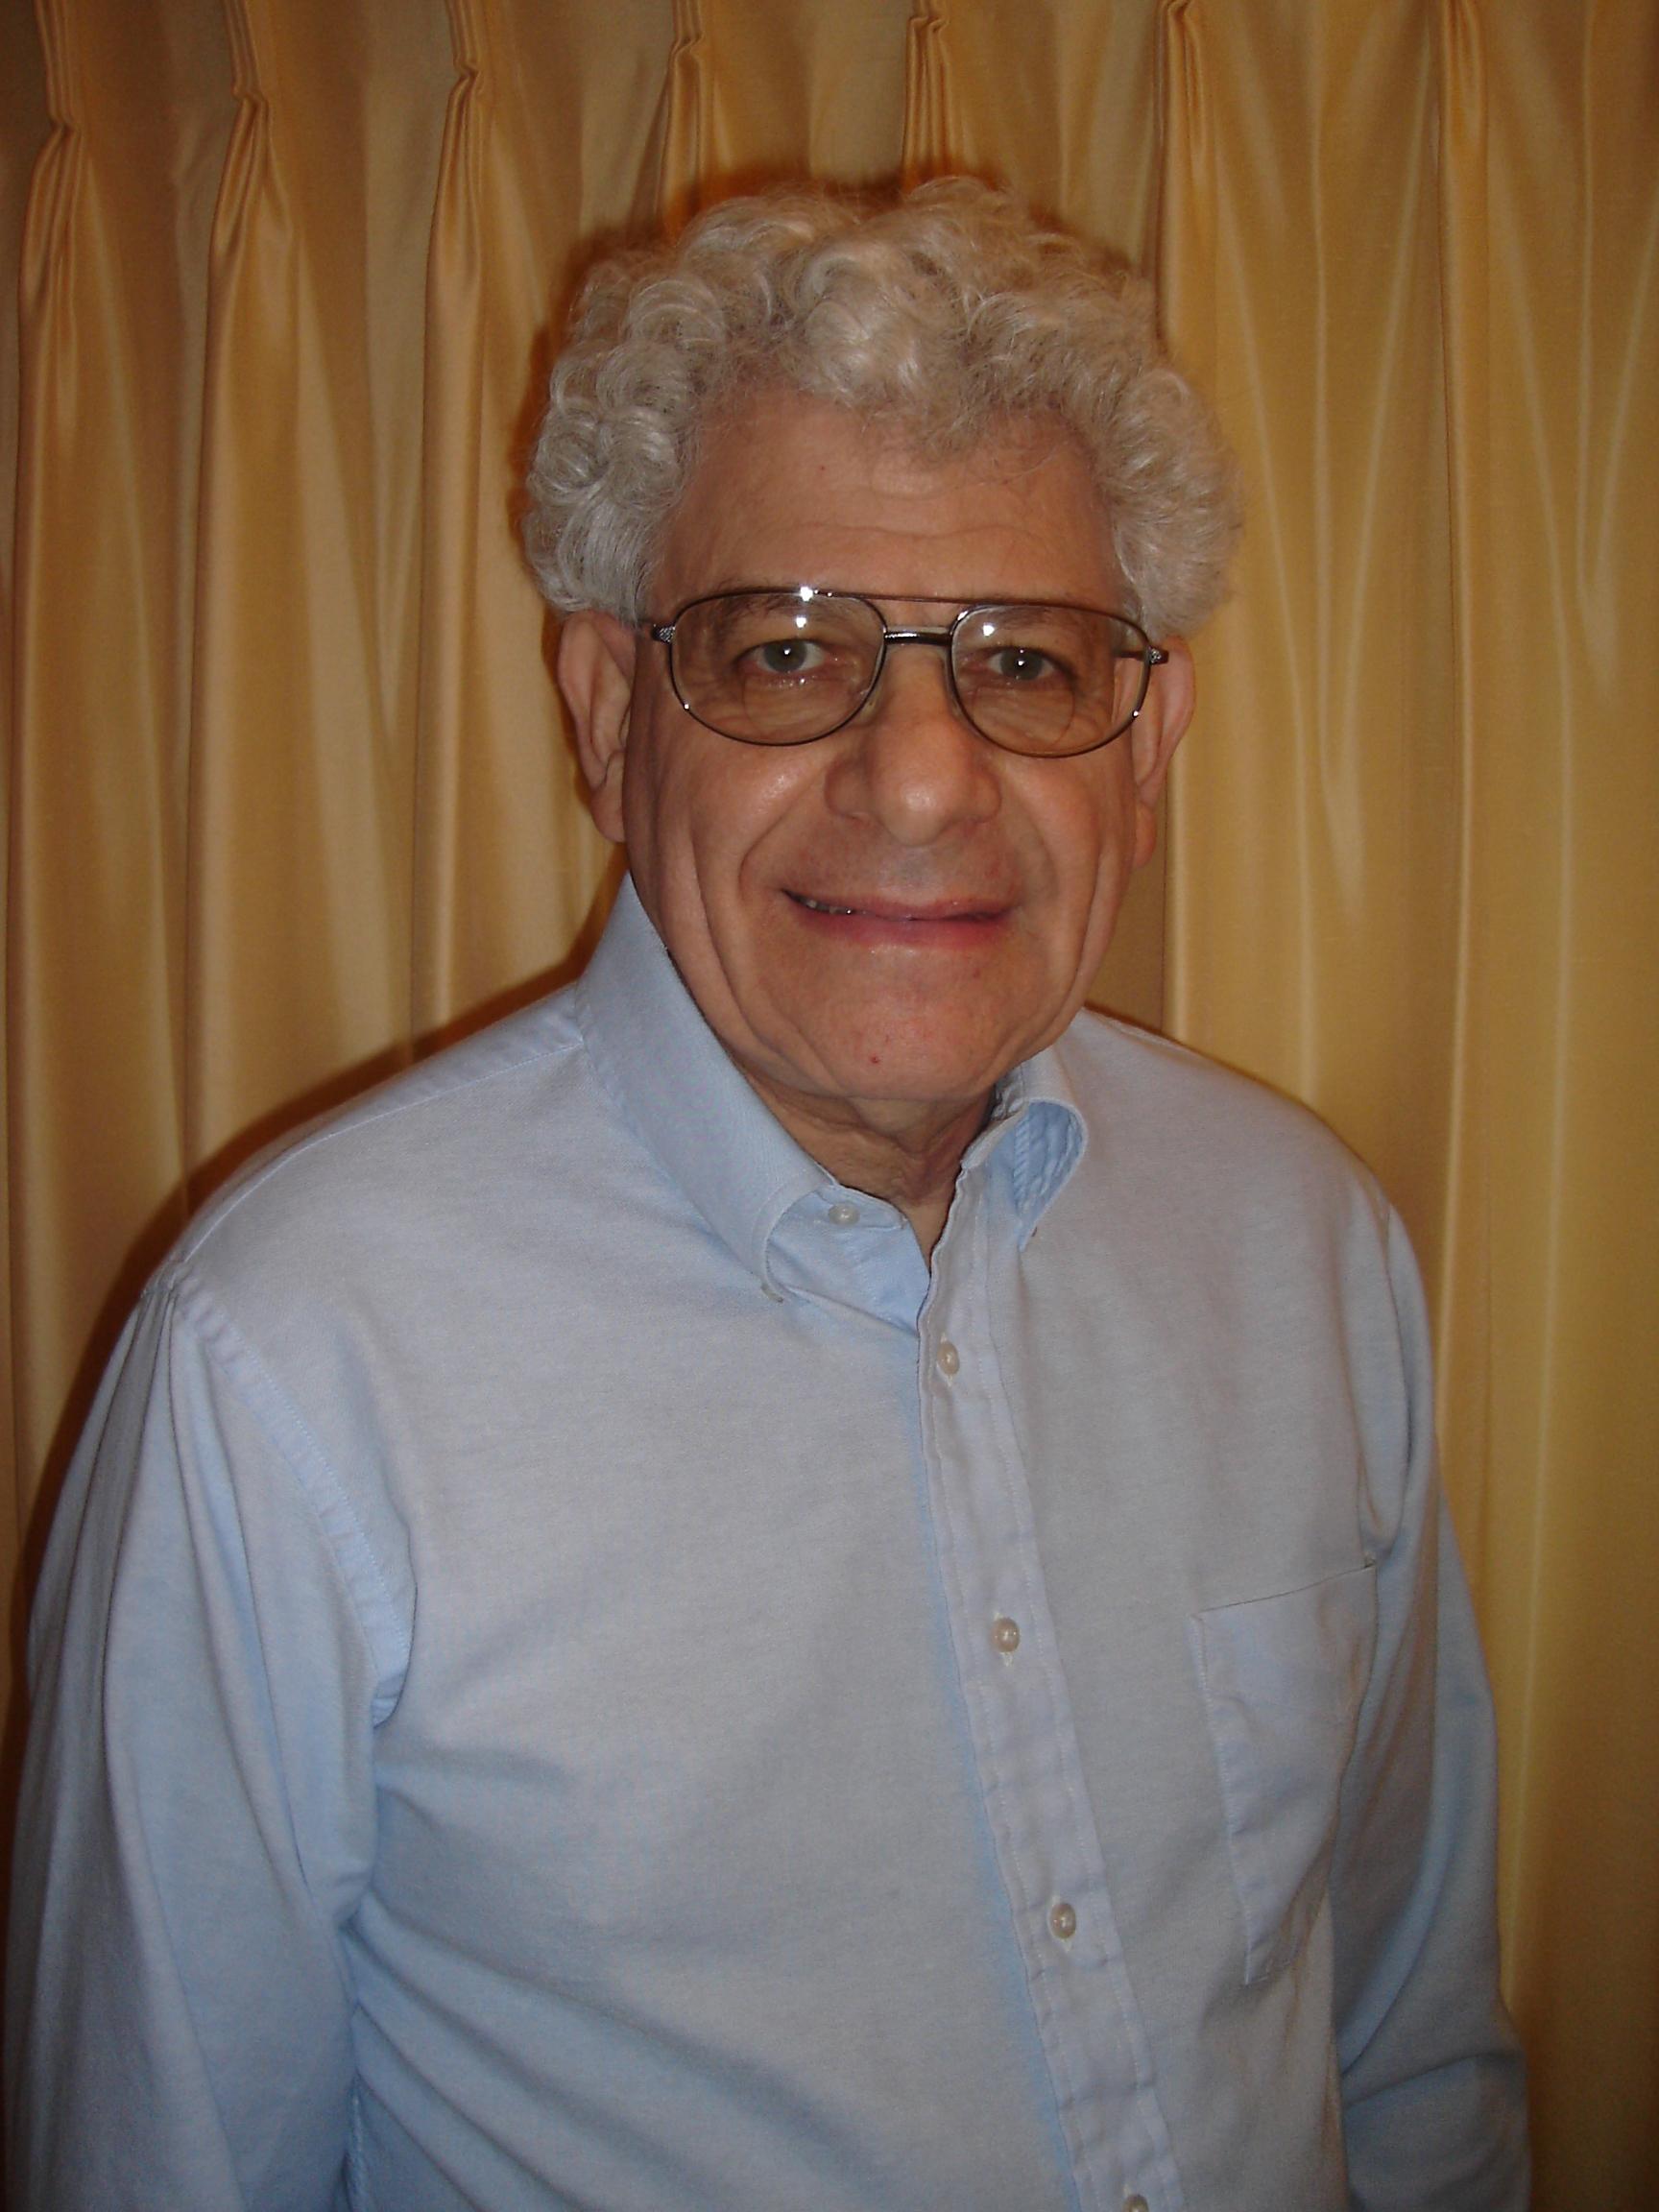 Dan Streit